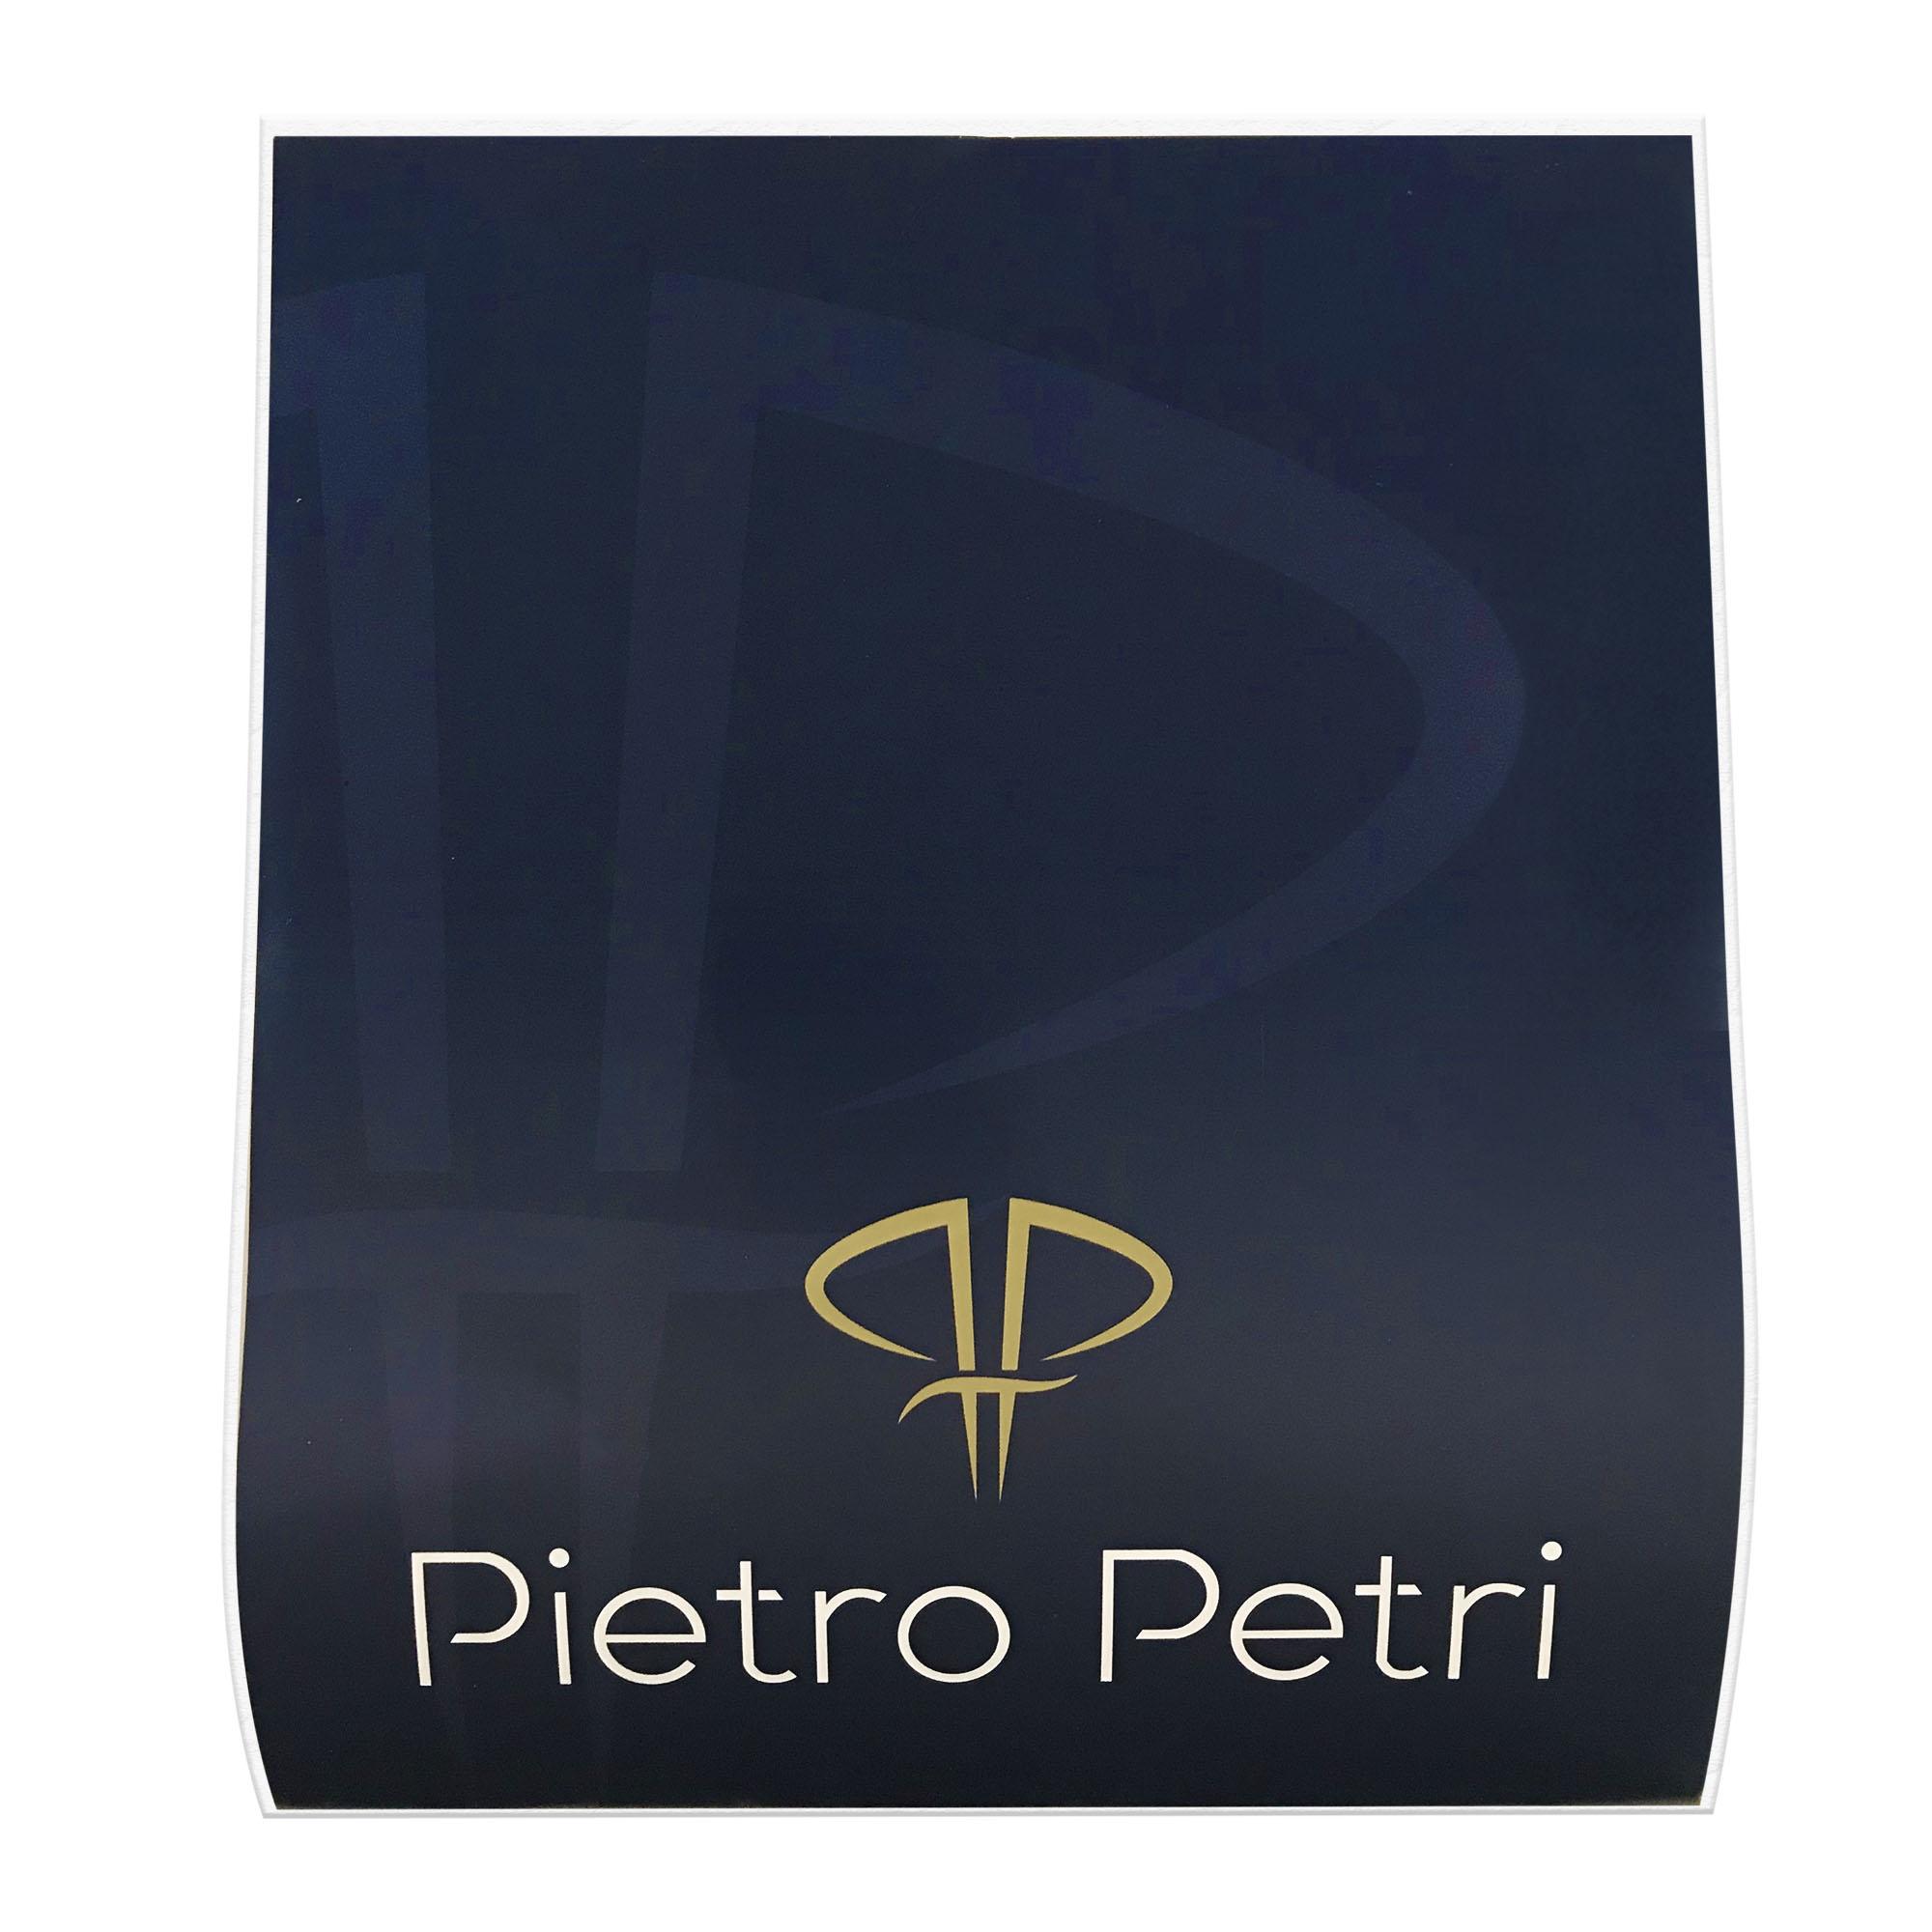 Modelador 3020 body cirúrgico compressivo Dr Pietro com alça fina e abertura frontal, ideal para procedimentos estéticos  - Cinta se Nova